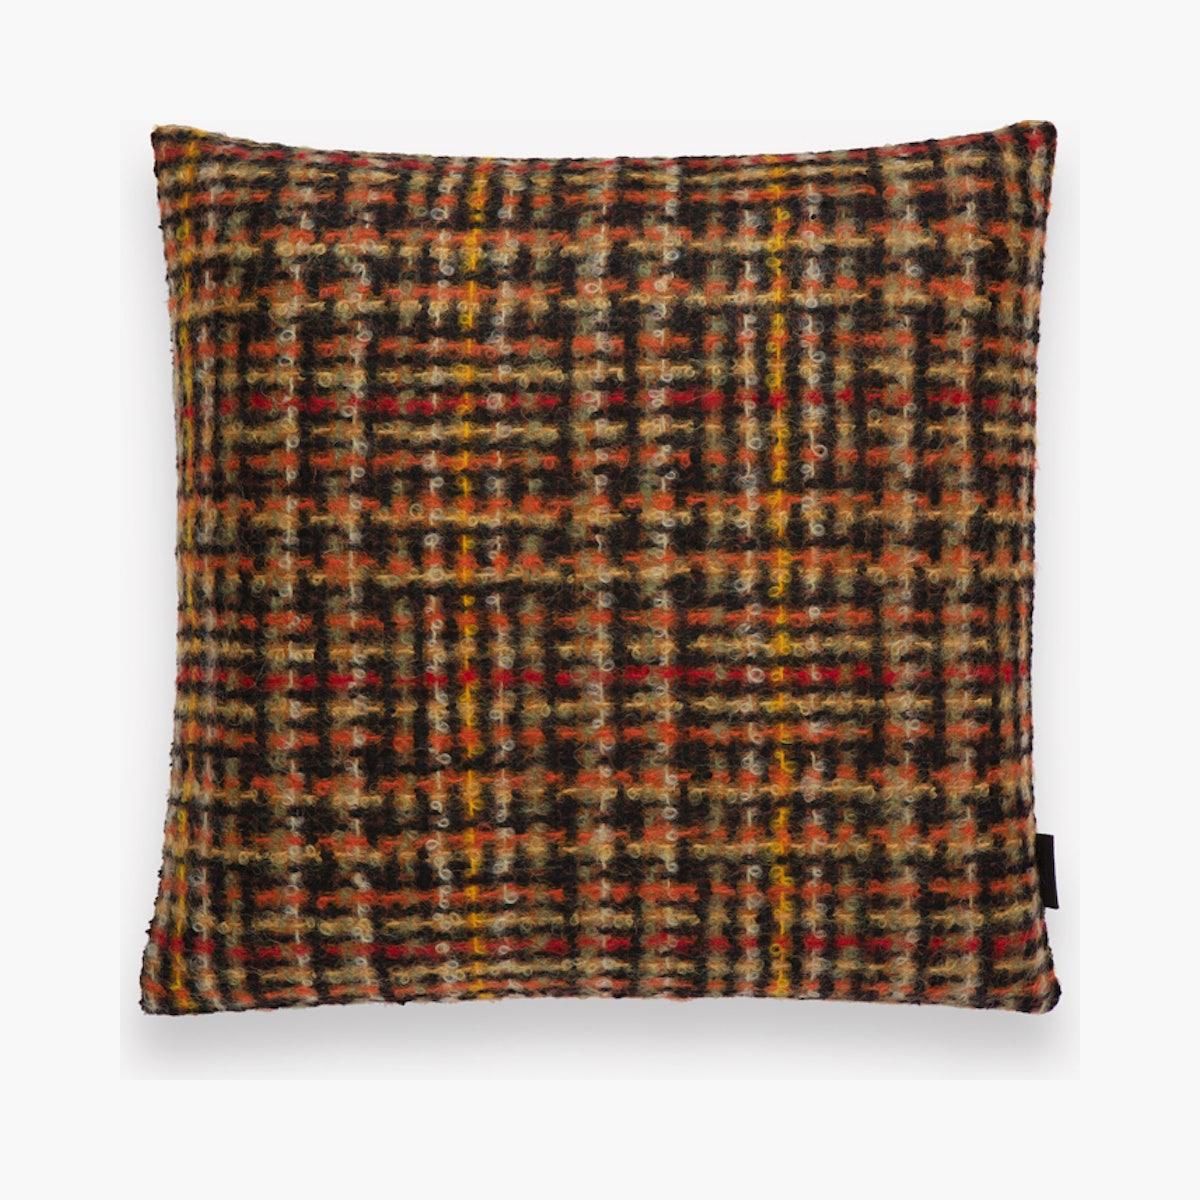 Maharam Pillow - Passel